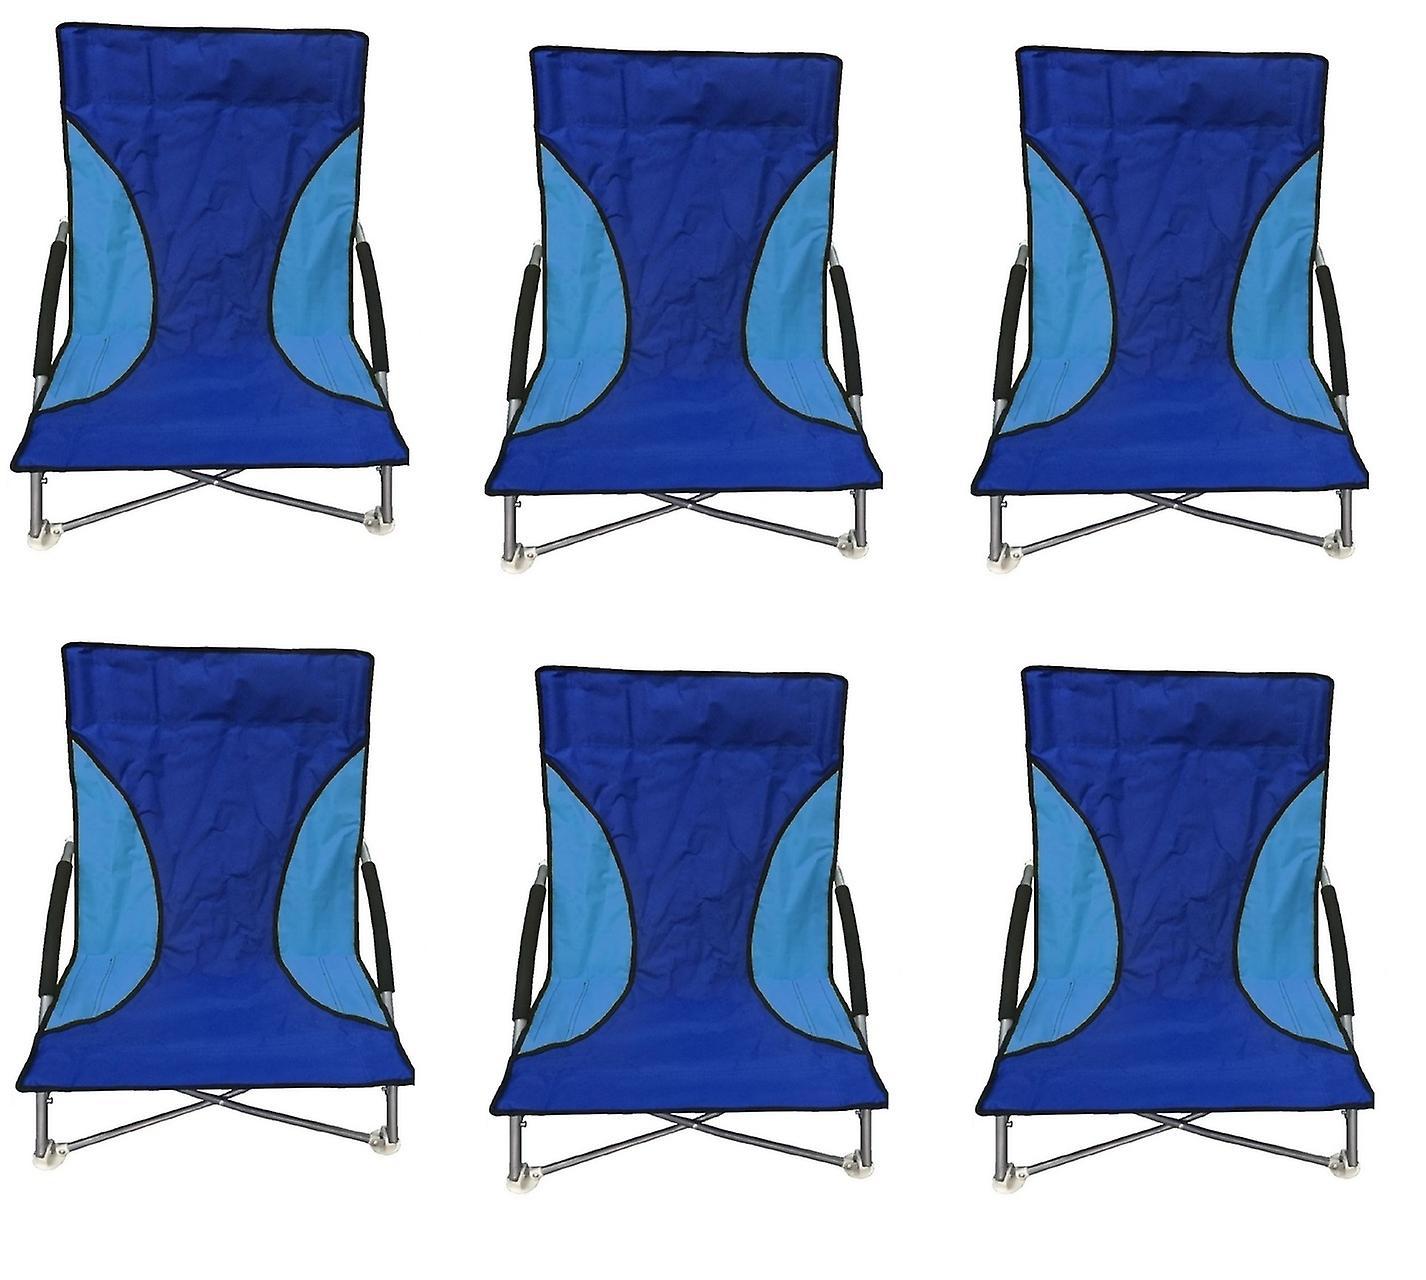 6 bleu Nalu Folding Low Seat Beach Chair Camping Chairs